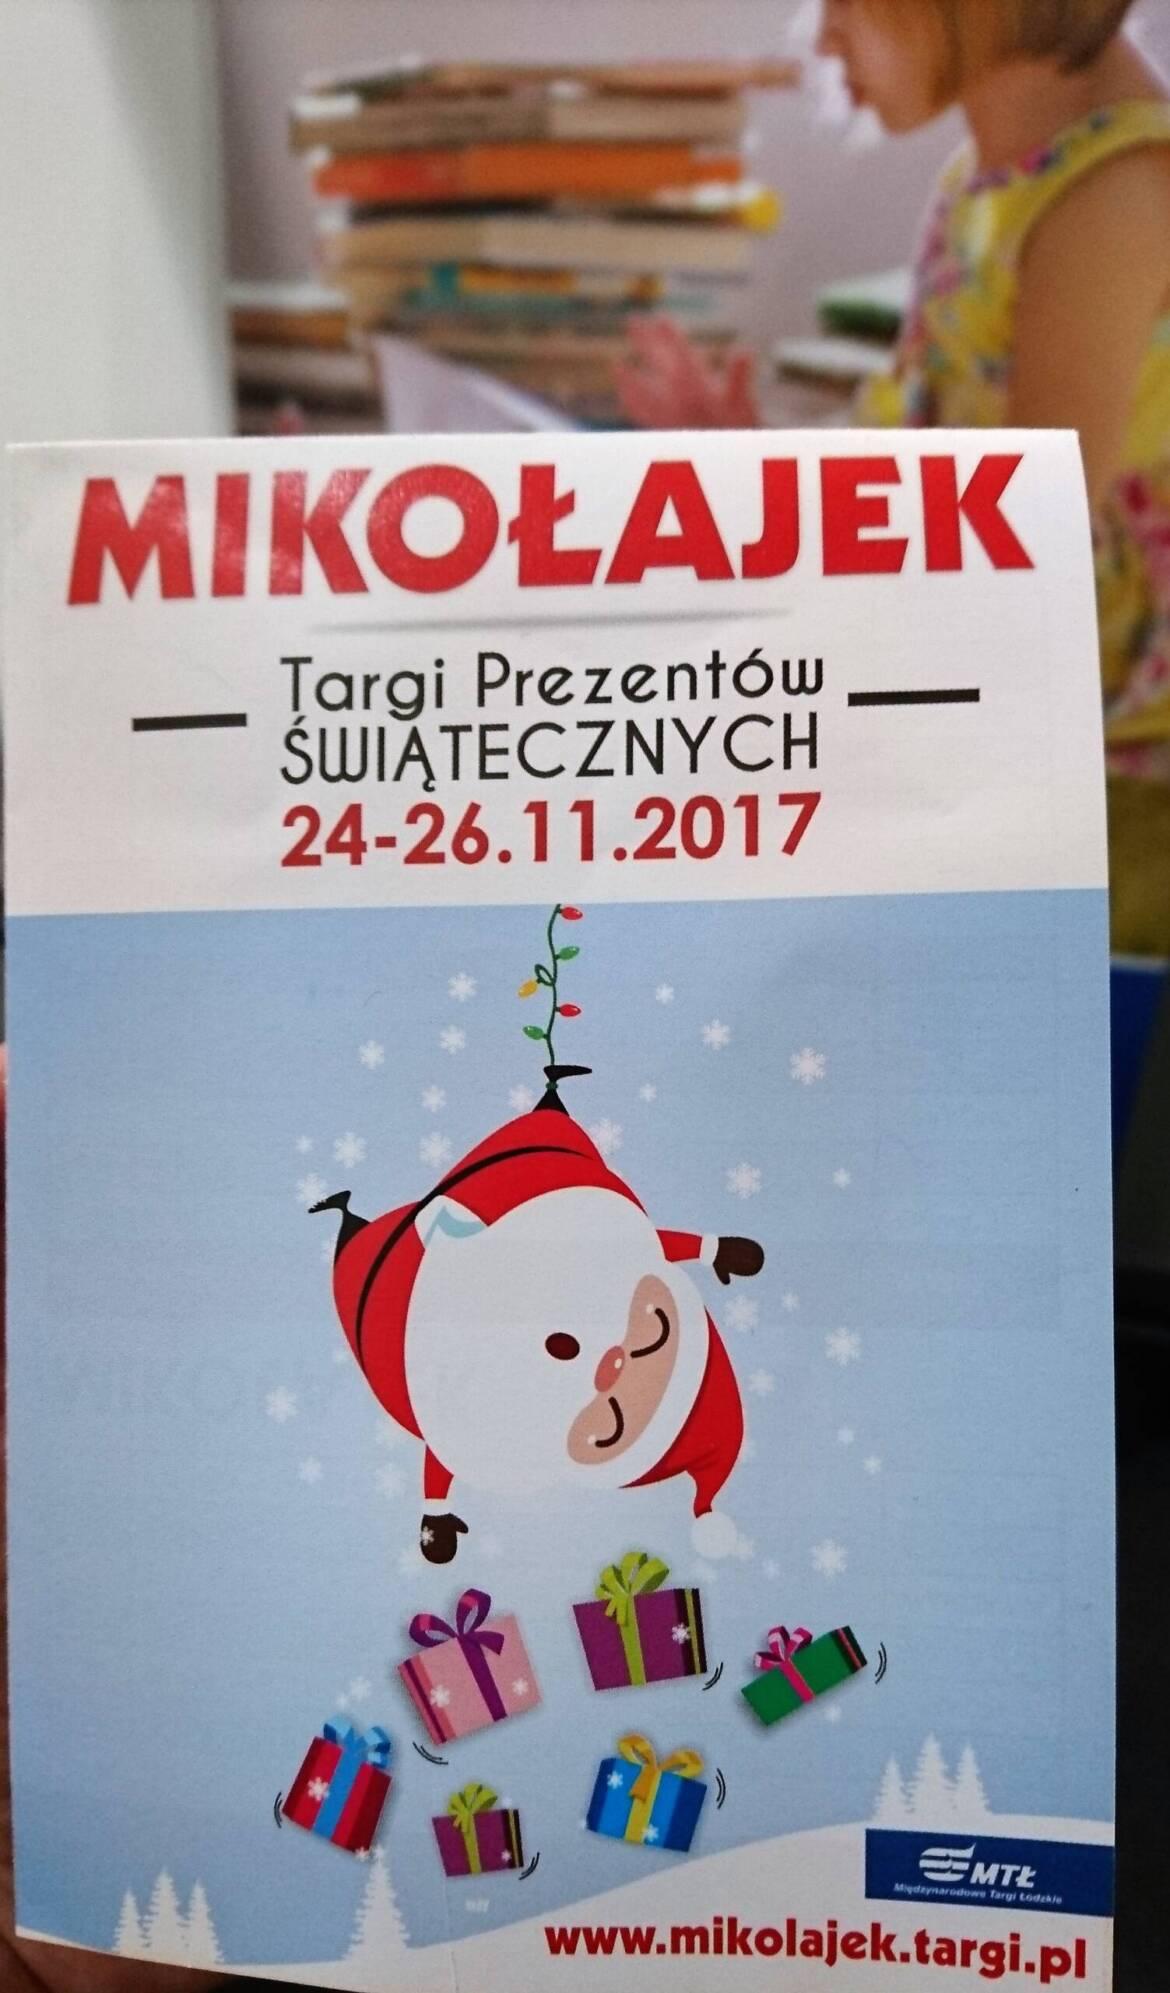 salon_ciekawej_ksiazki_wydawnictwo_kinderkulka_targi_prezentow_swiatecznych_mikolajek-scaled.jpg